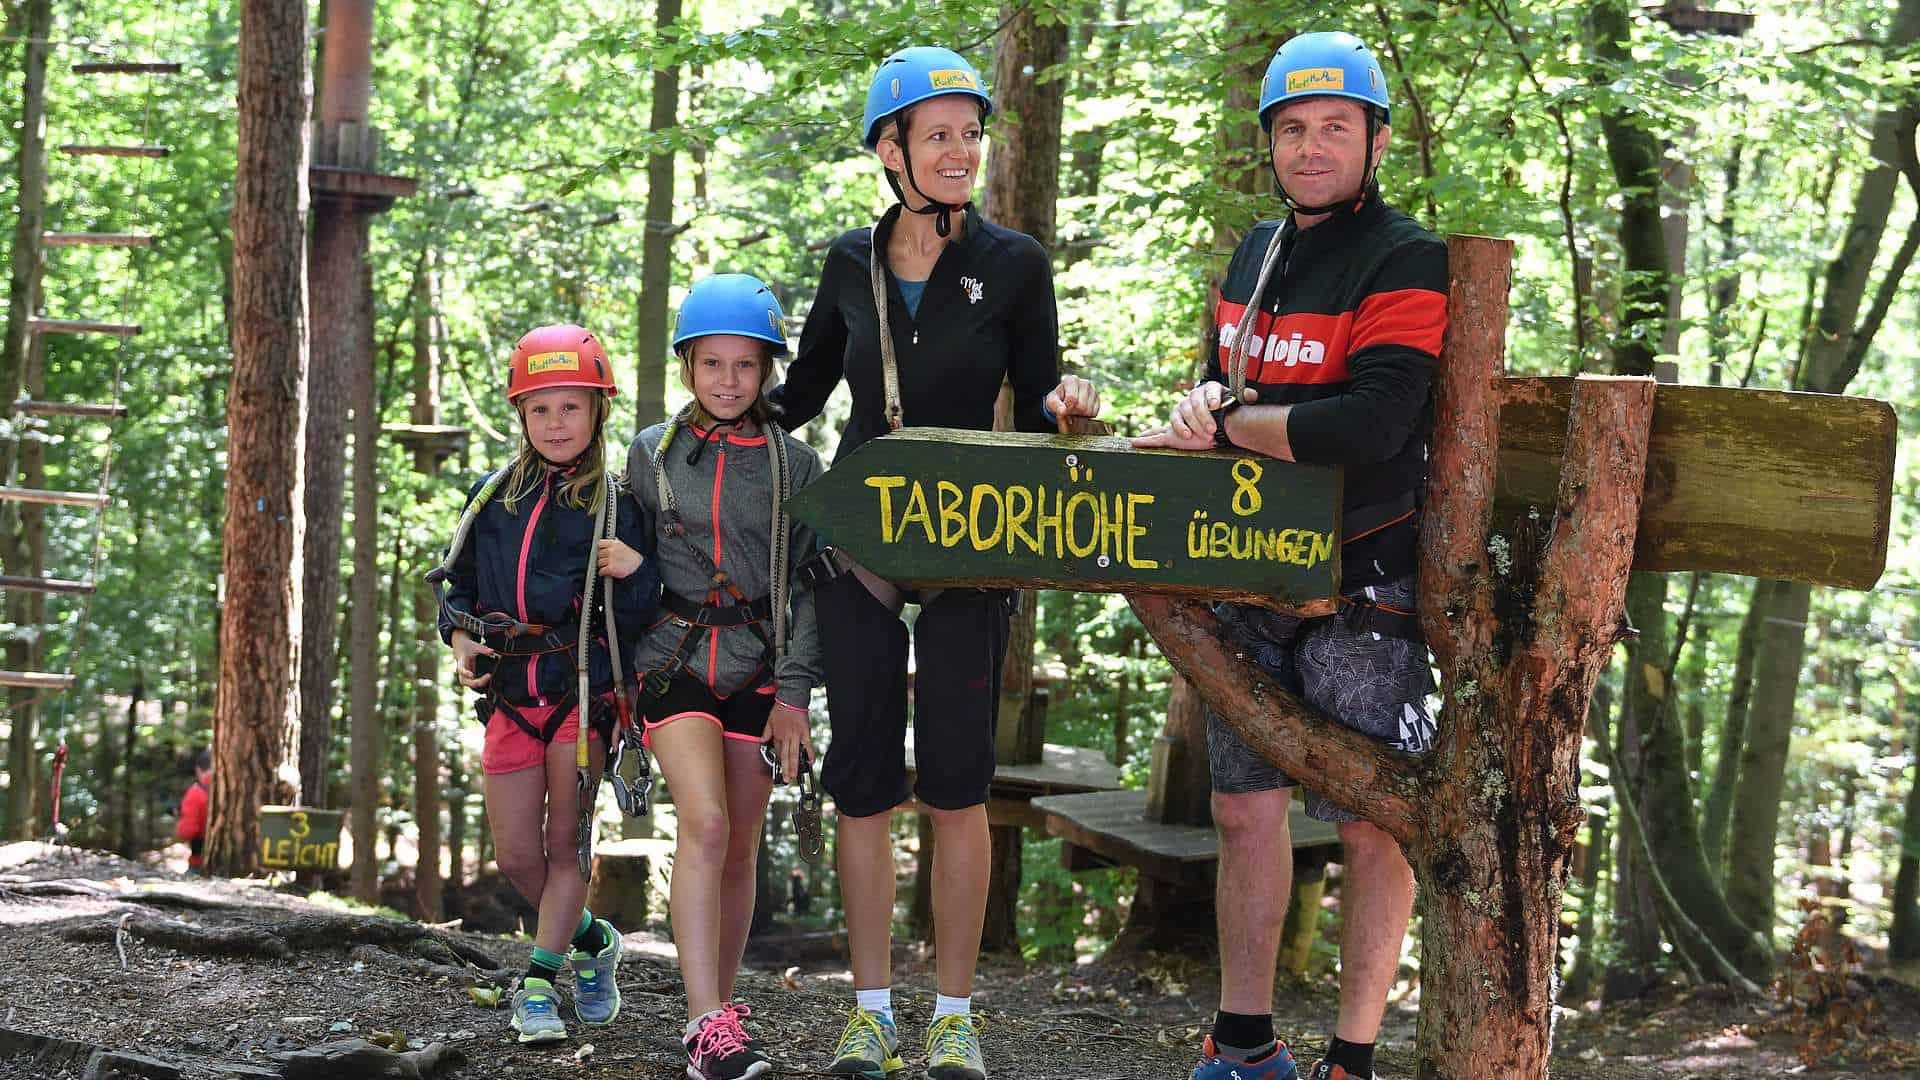 Familienausflug in Waldseilpark Taborhöhe am Faaker See - Urlaubsregion Villach in Kärnten, Österreich